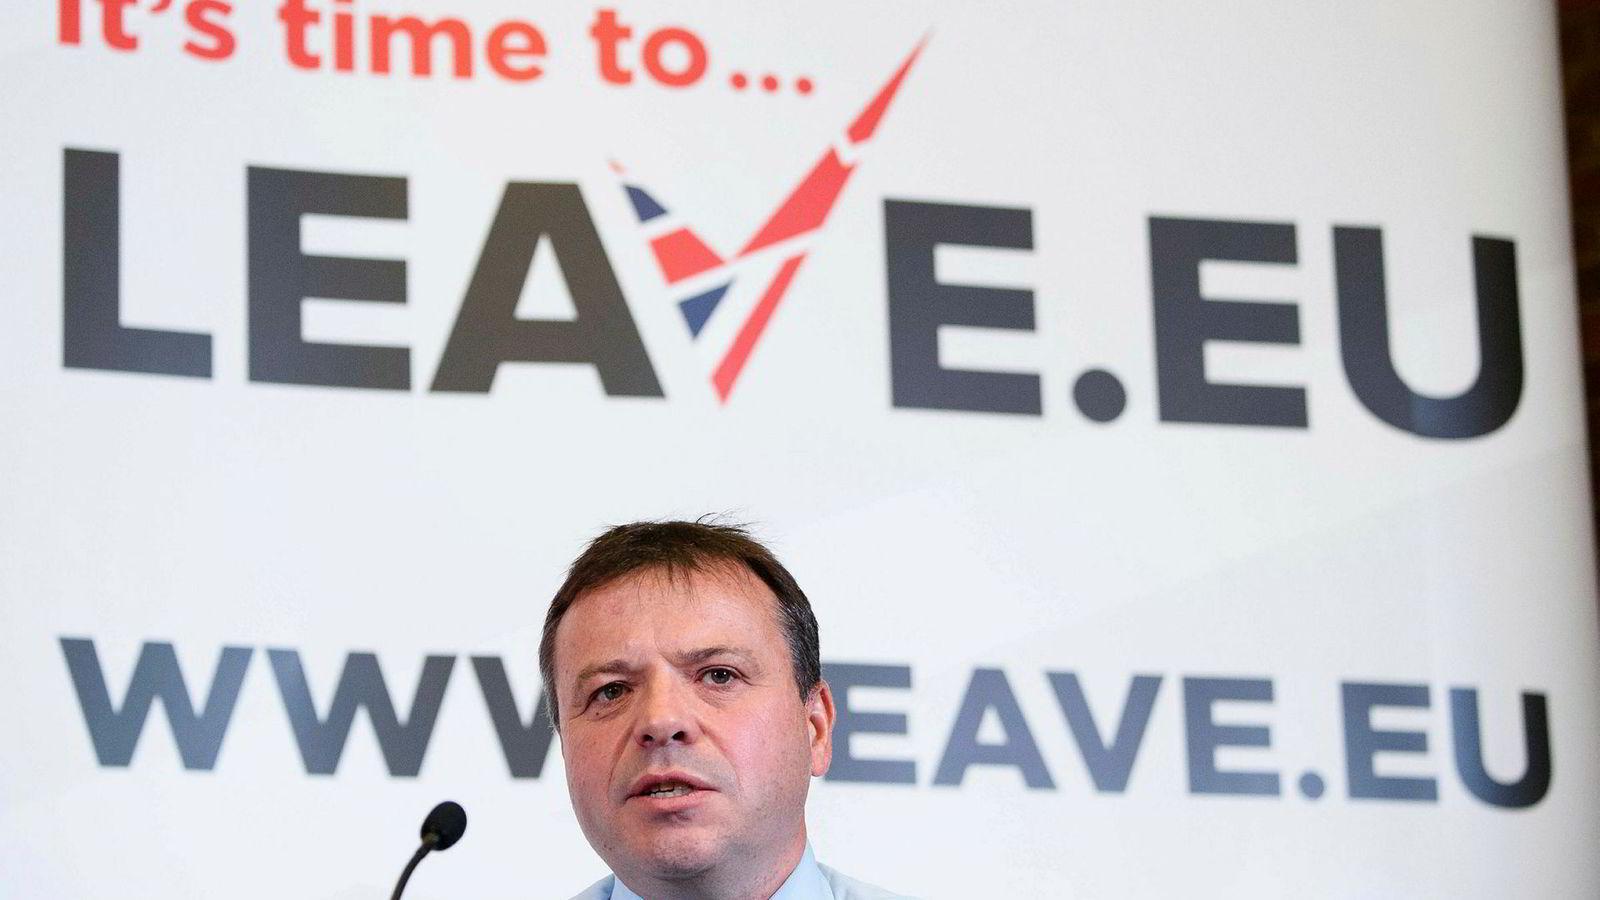 Forretningsmannen Arron Banks etterforskes for ulovlig finansiering av brexit-kampanjen.